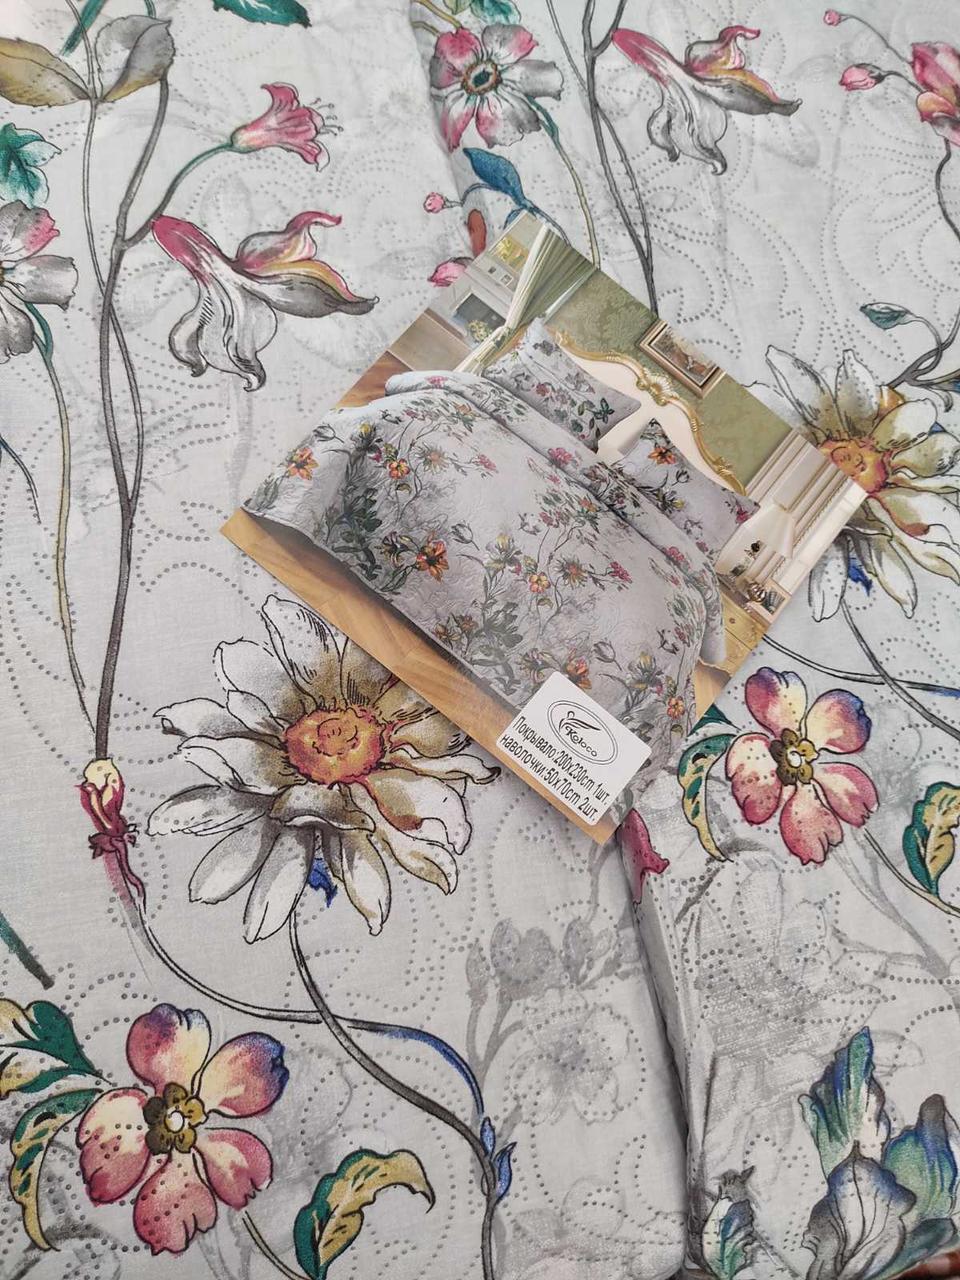 Літній ковдру покривало плед на ліжко бавовна принт Квіти євро розмір 200х230 см 2 наволочки 50х70 см Туреччина